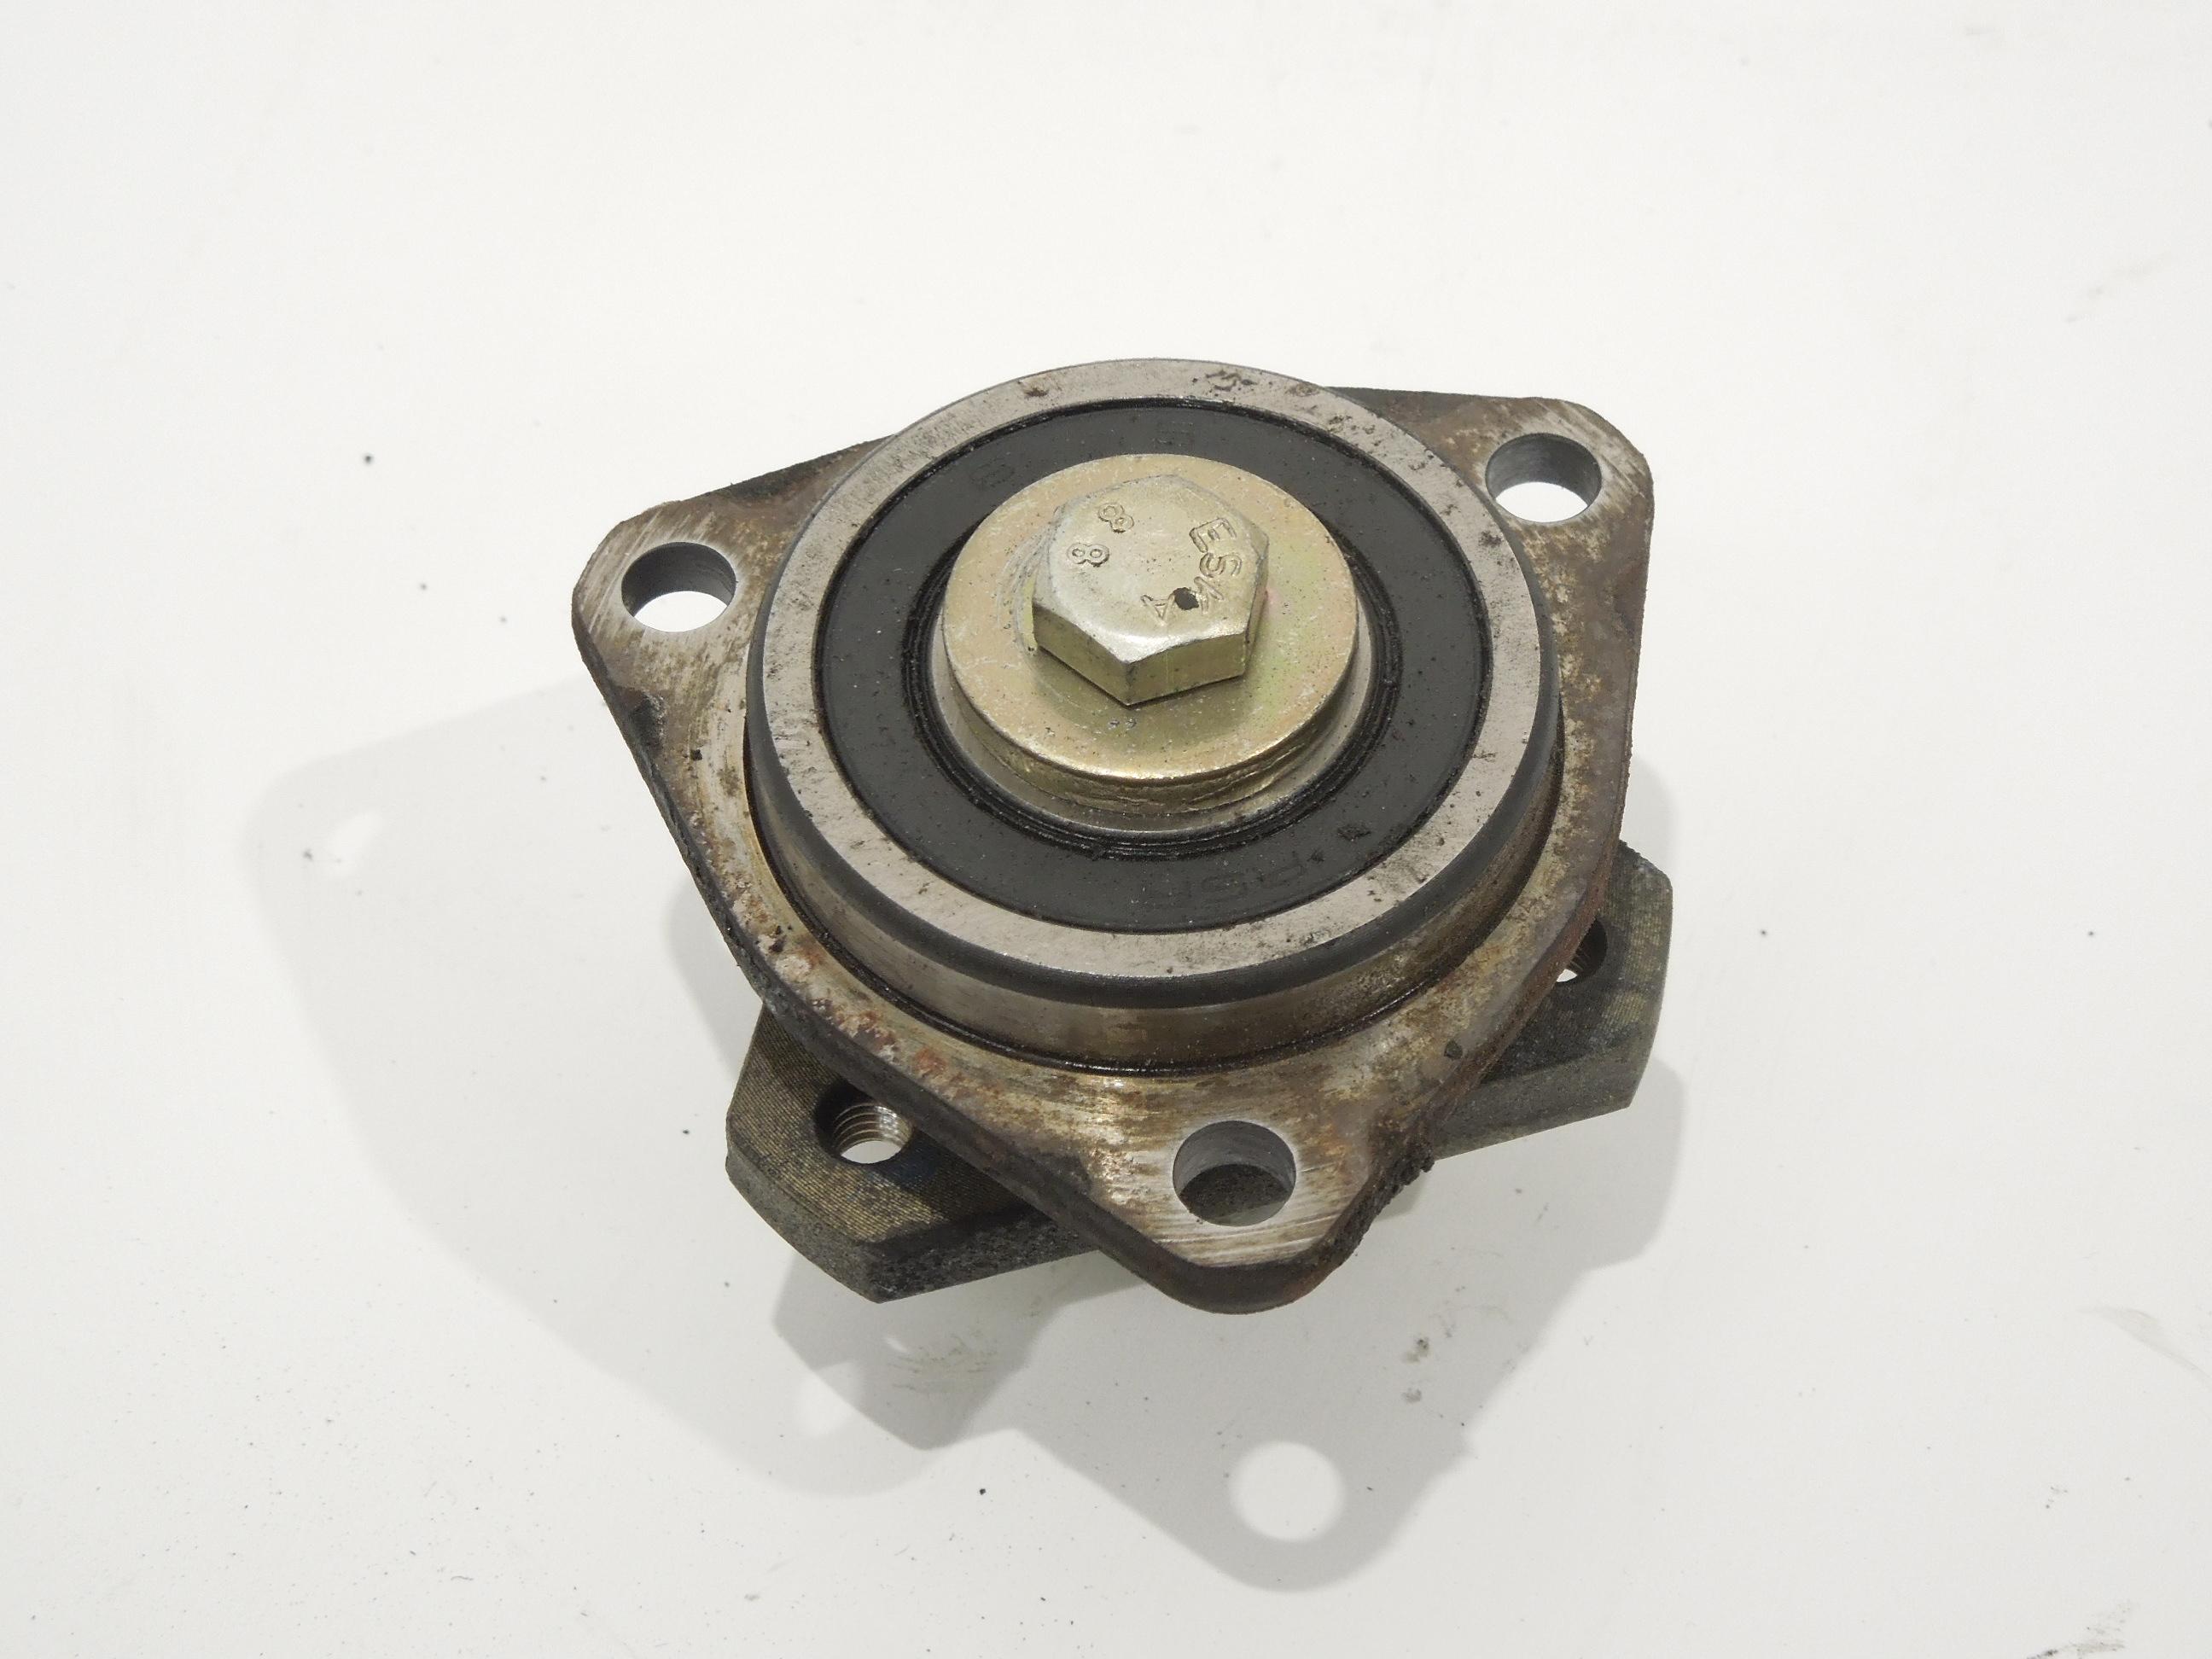 AUDI-A8-D2-V8-Cojinete-De-Ventilador-De-Refrigeracion-Viscoso miniatura 2